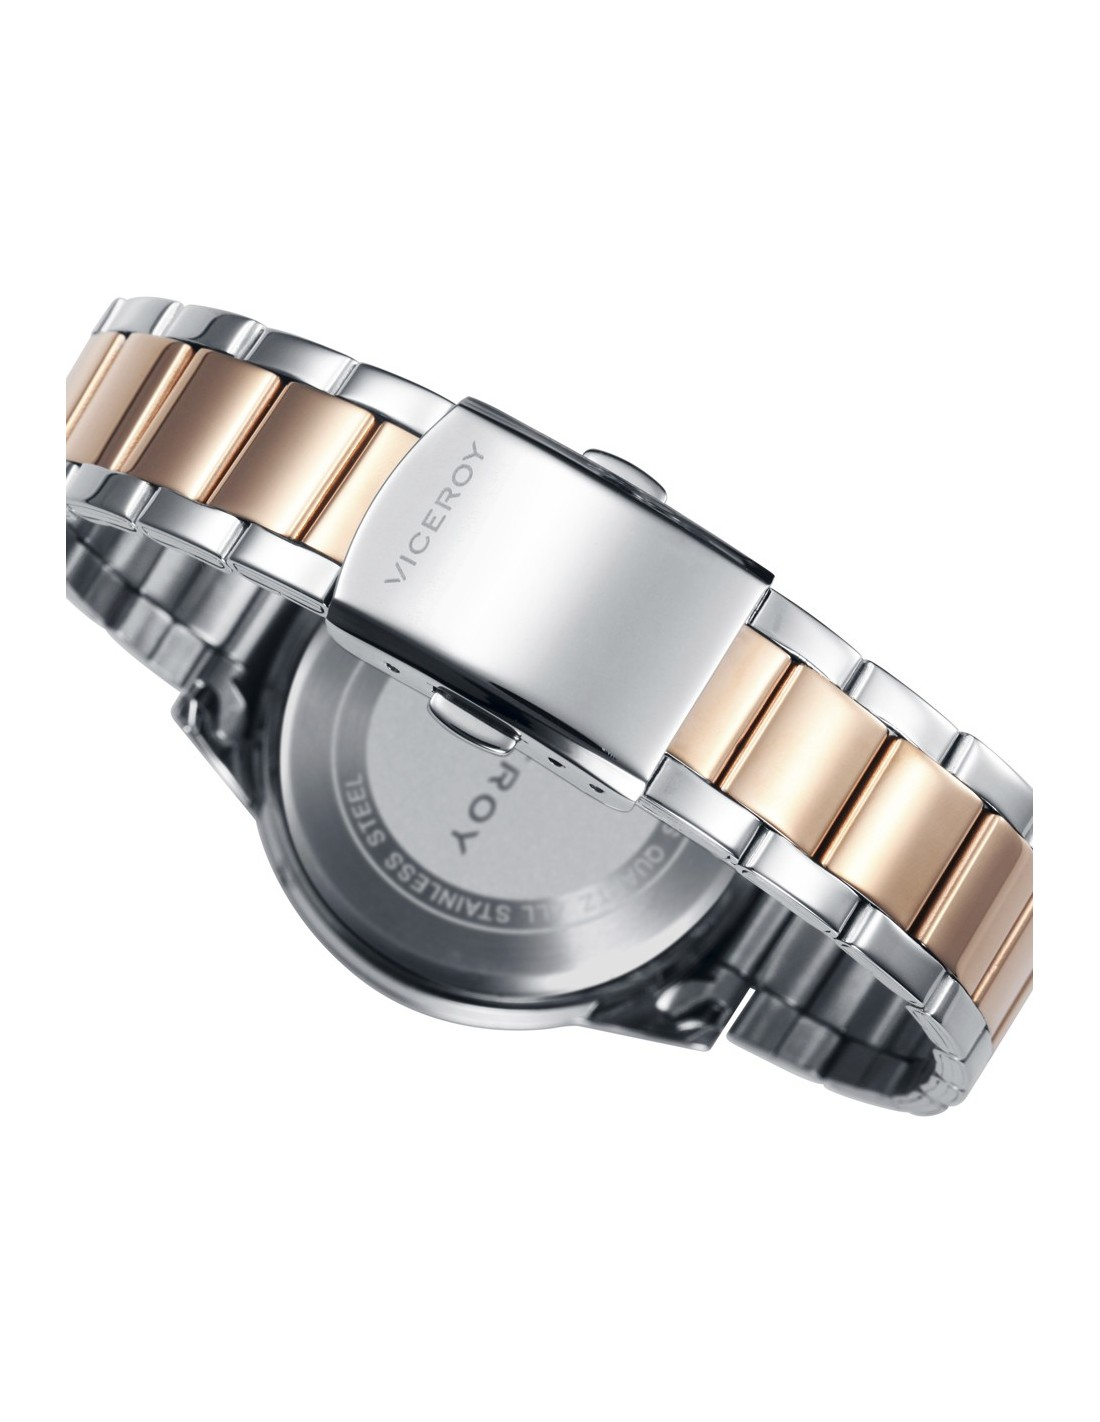 ebaa8794e054 ... Reloj Viceroy Multifunción Acero Ip Rosa Brazalete Señora 401088-95 ...